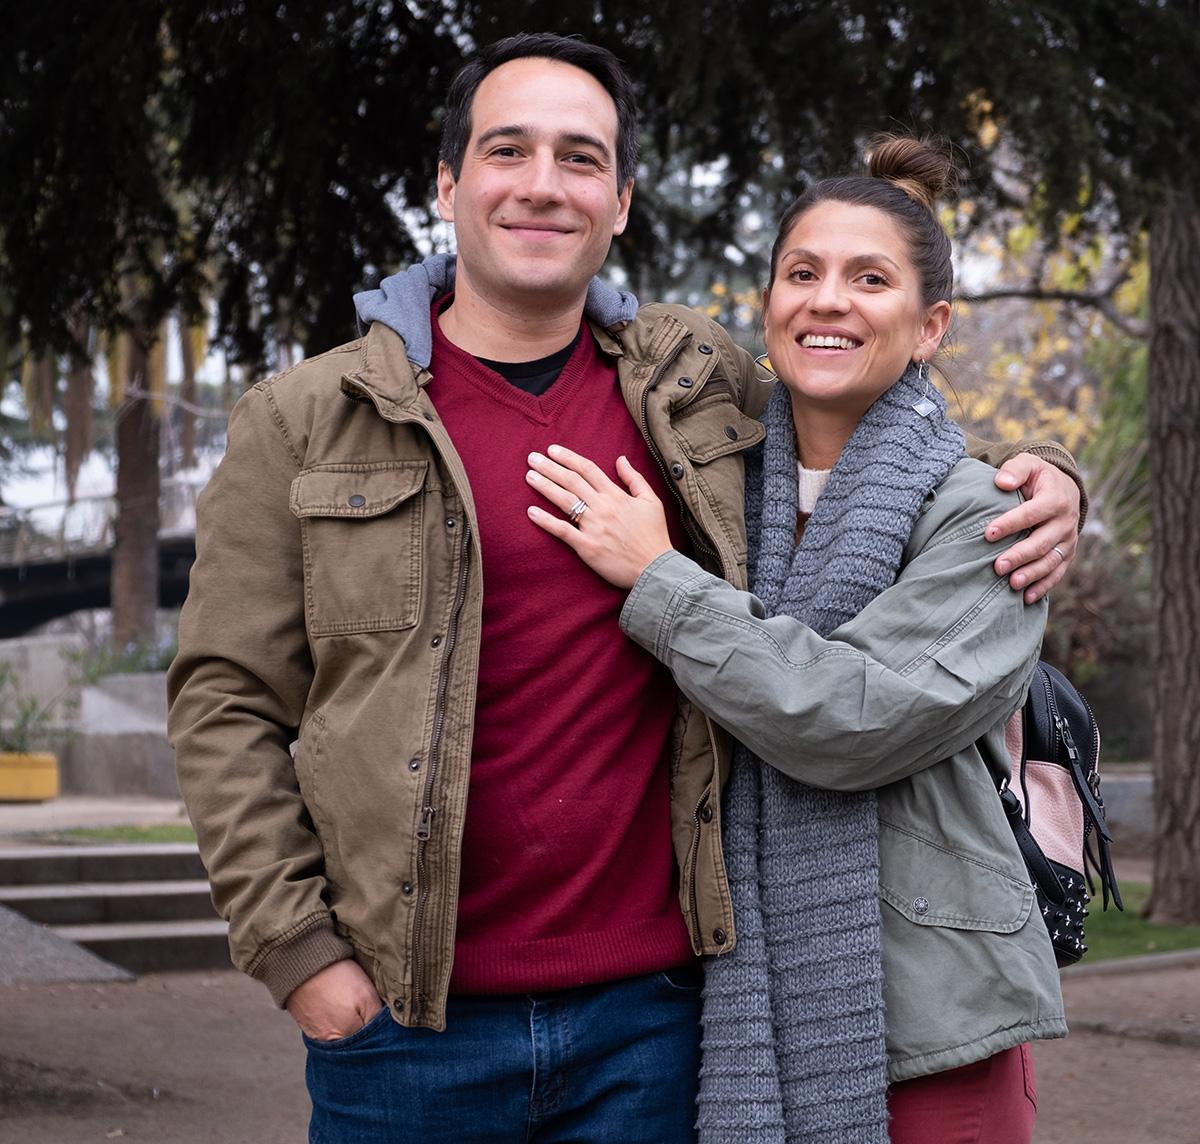 Mes amis chiliens Francisco et Daniela, qui m'ont hébergé plusieurs semaines au total à Santiago.